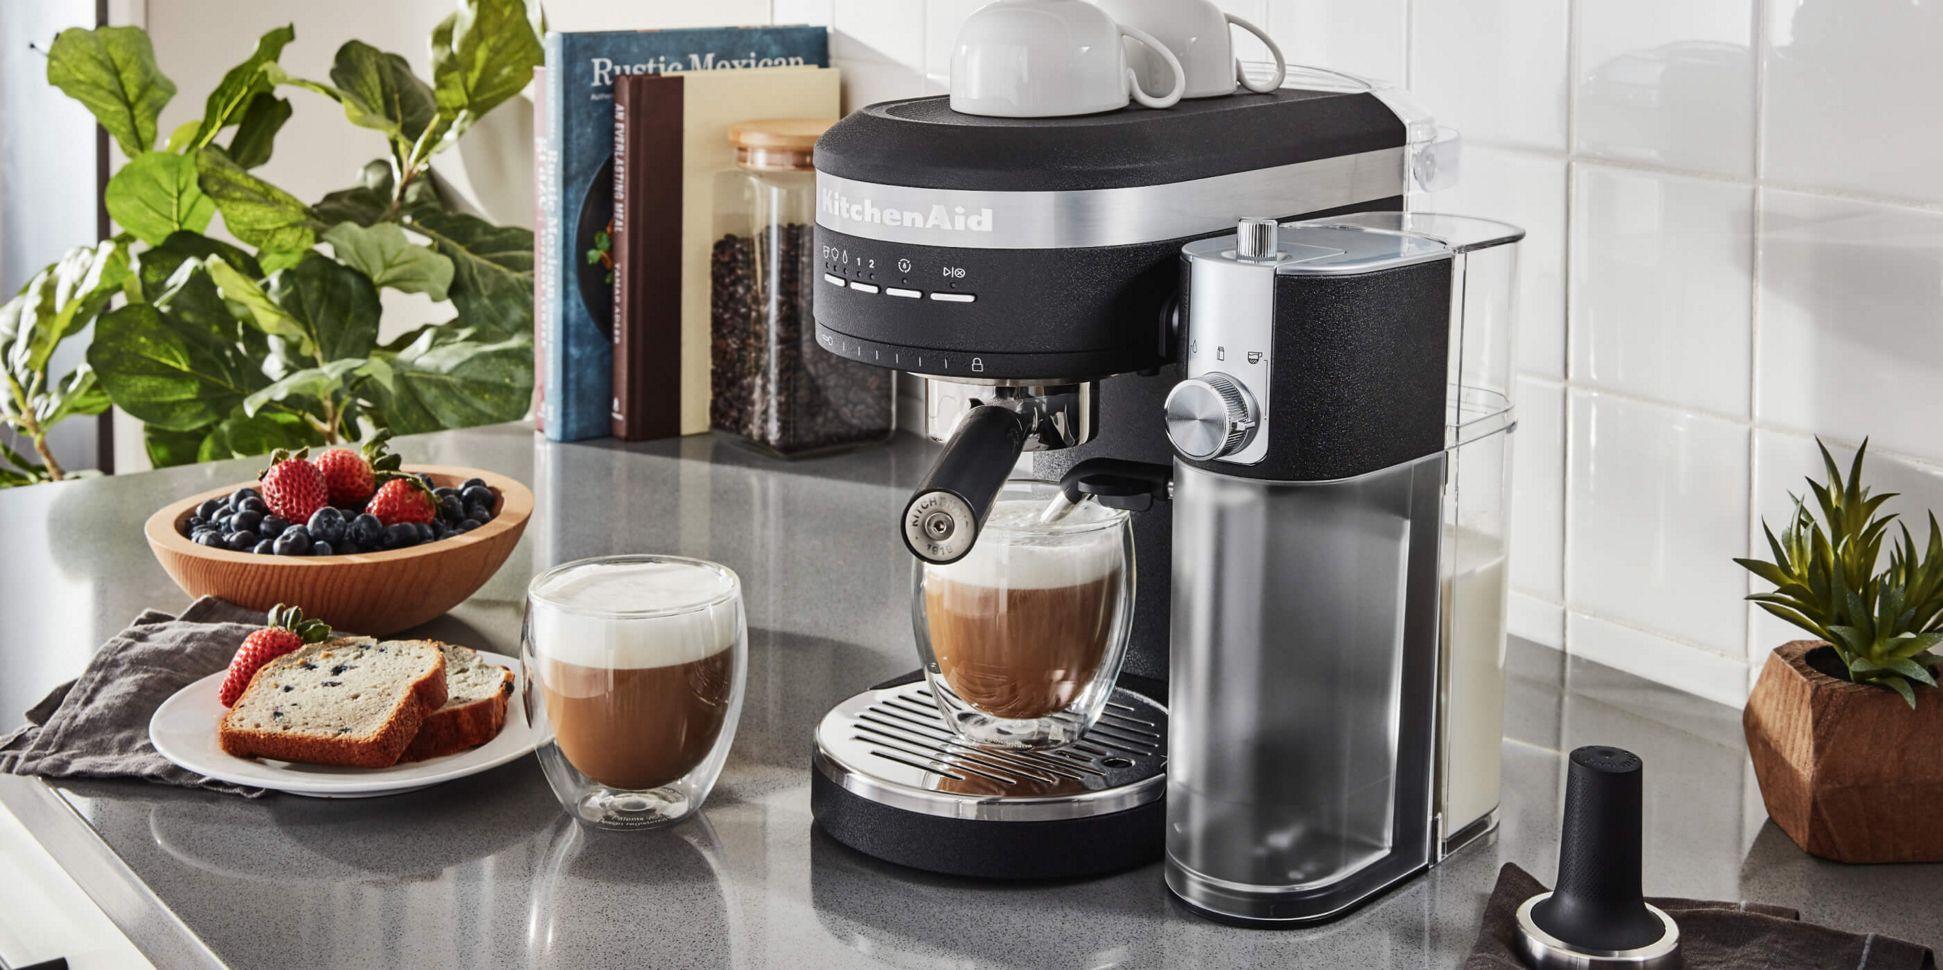 A Matte Black Semi-Automatic Espresso Machine and Automatic Milk Frother.